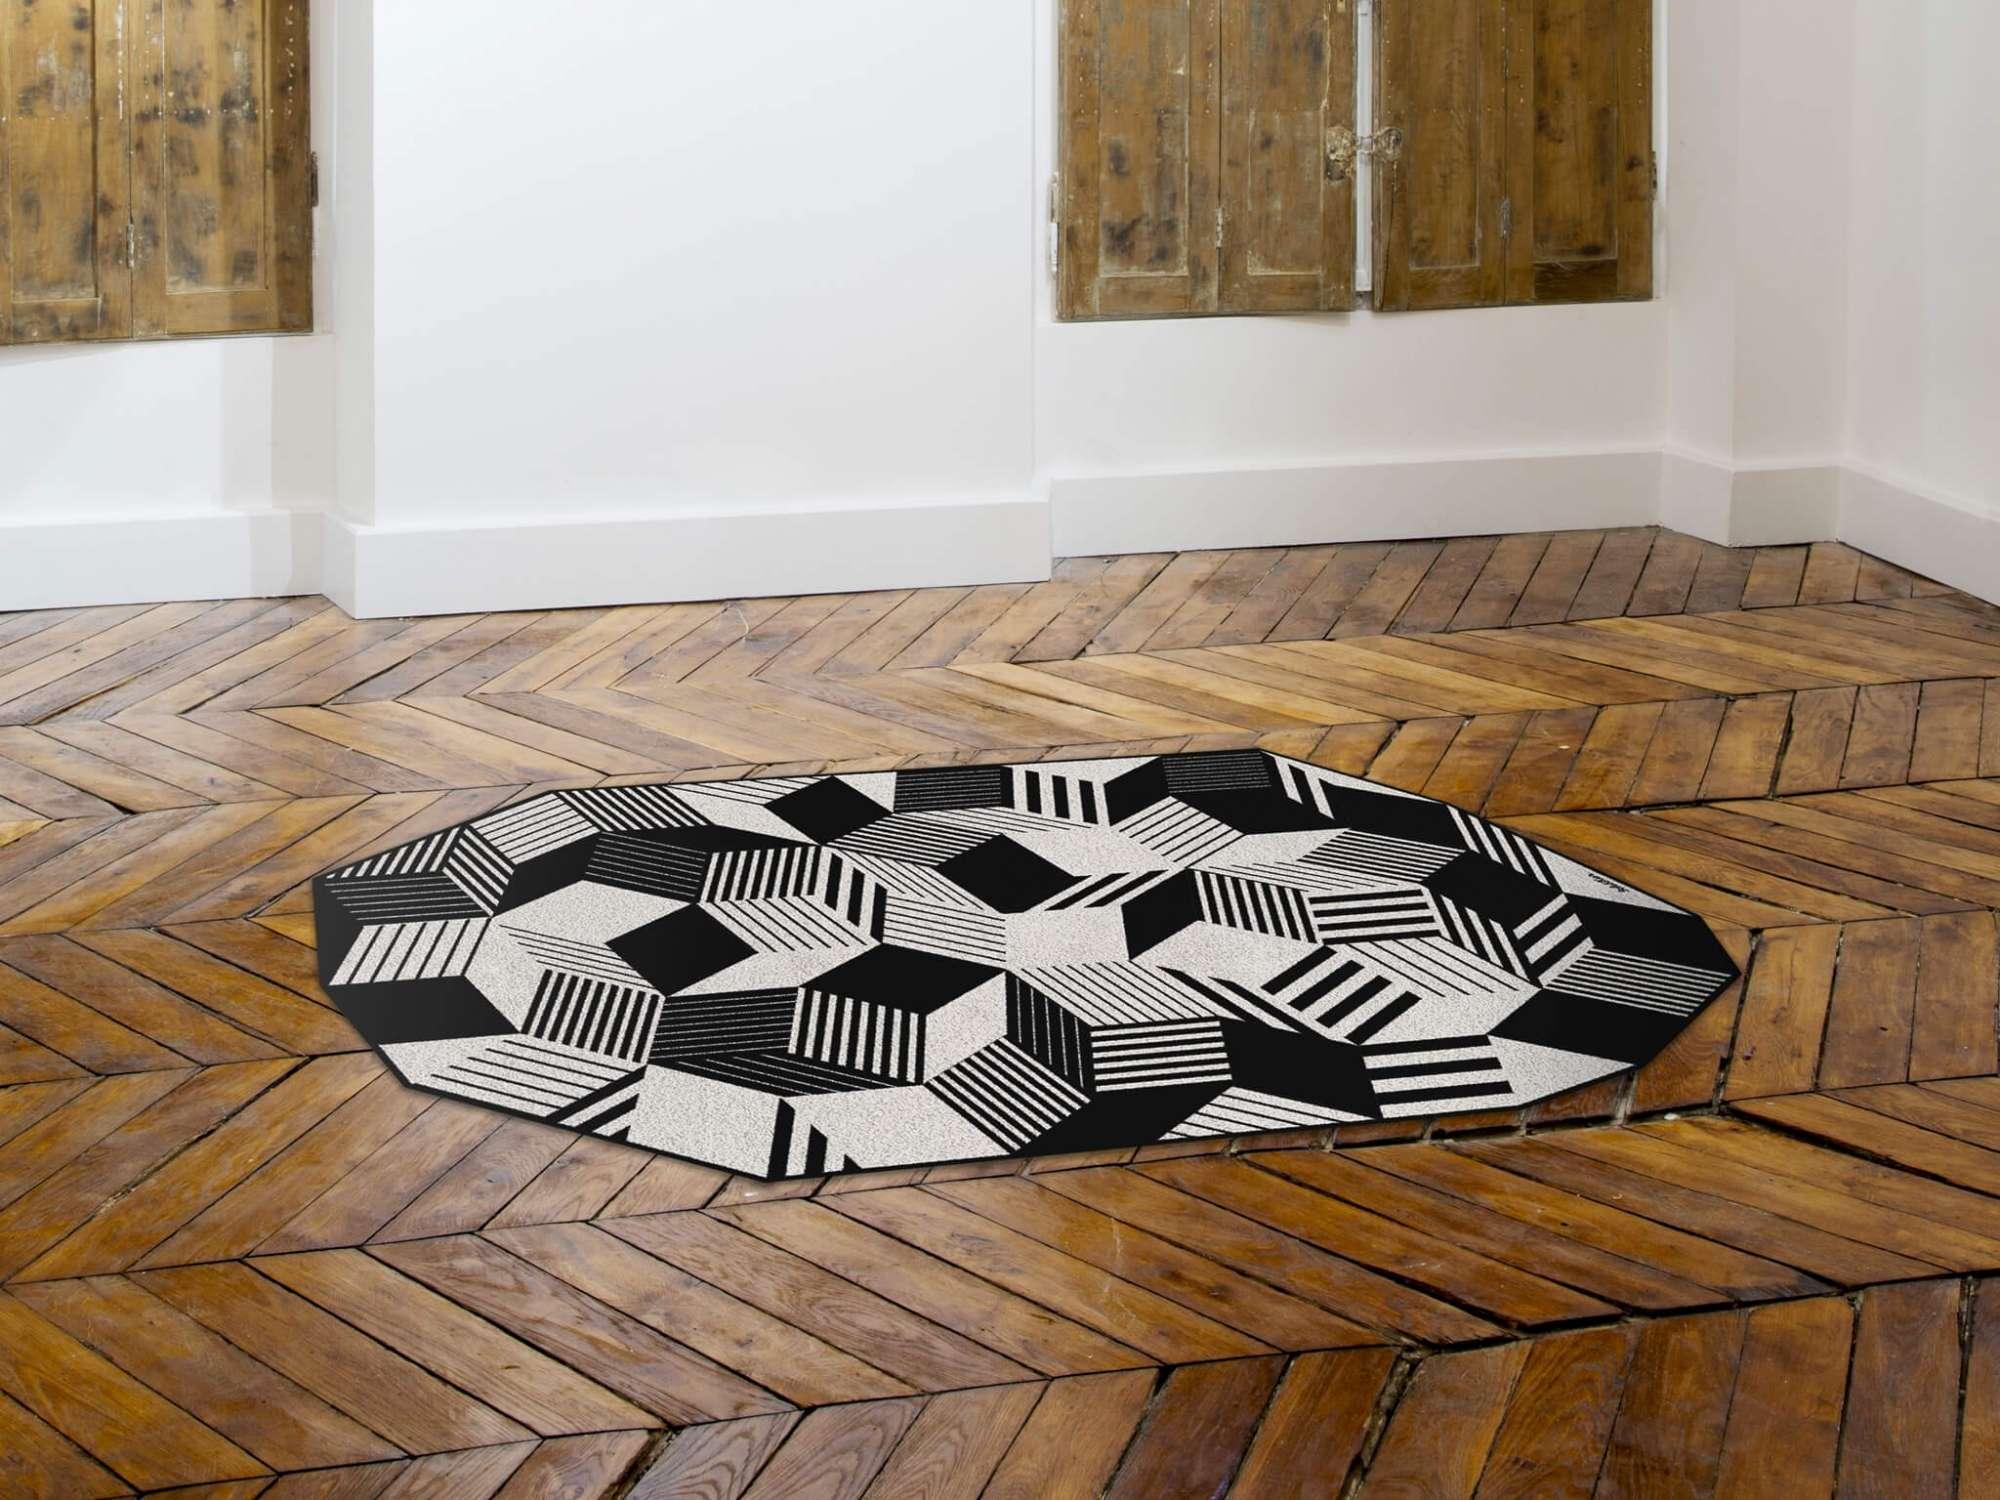 Tapis géométrique Penrose stripes black and white, Design IchetKar édition Bazartherapy